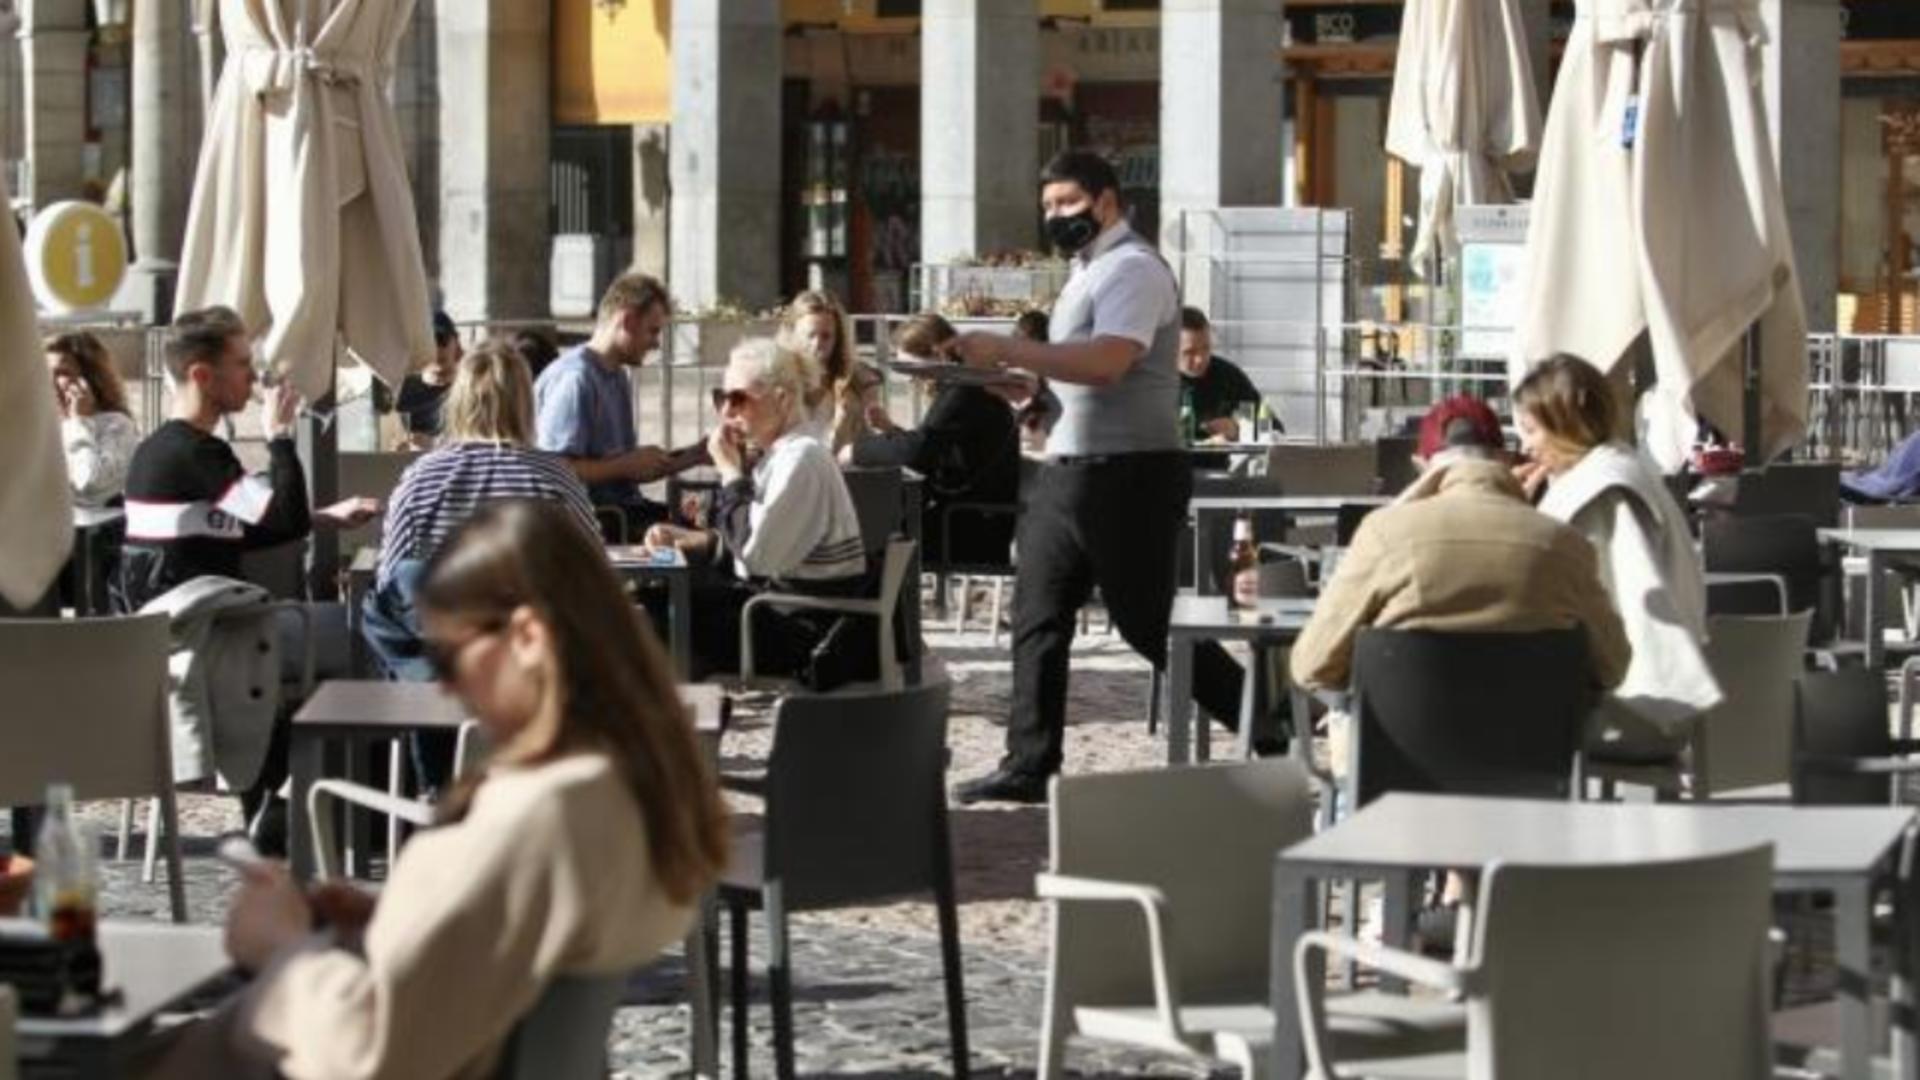 Testarea COVID-19 la intrarea în restaurante, terase